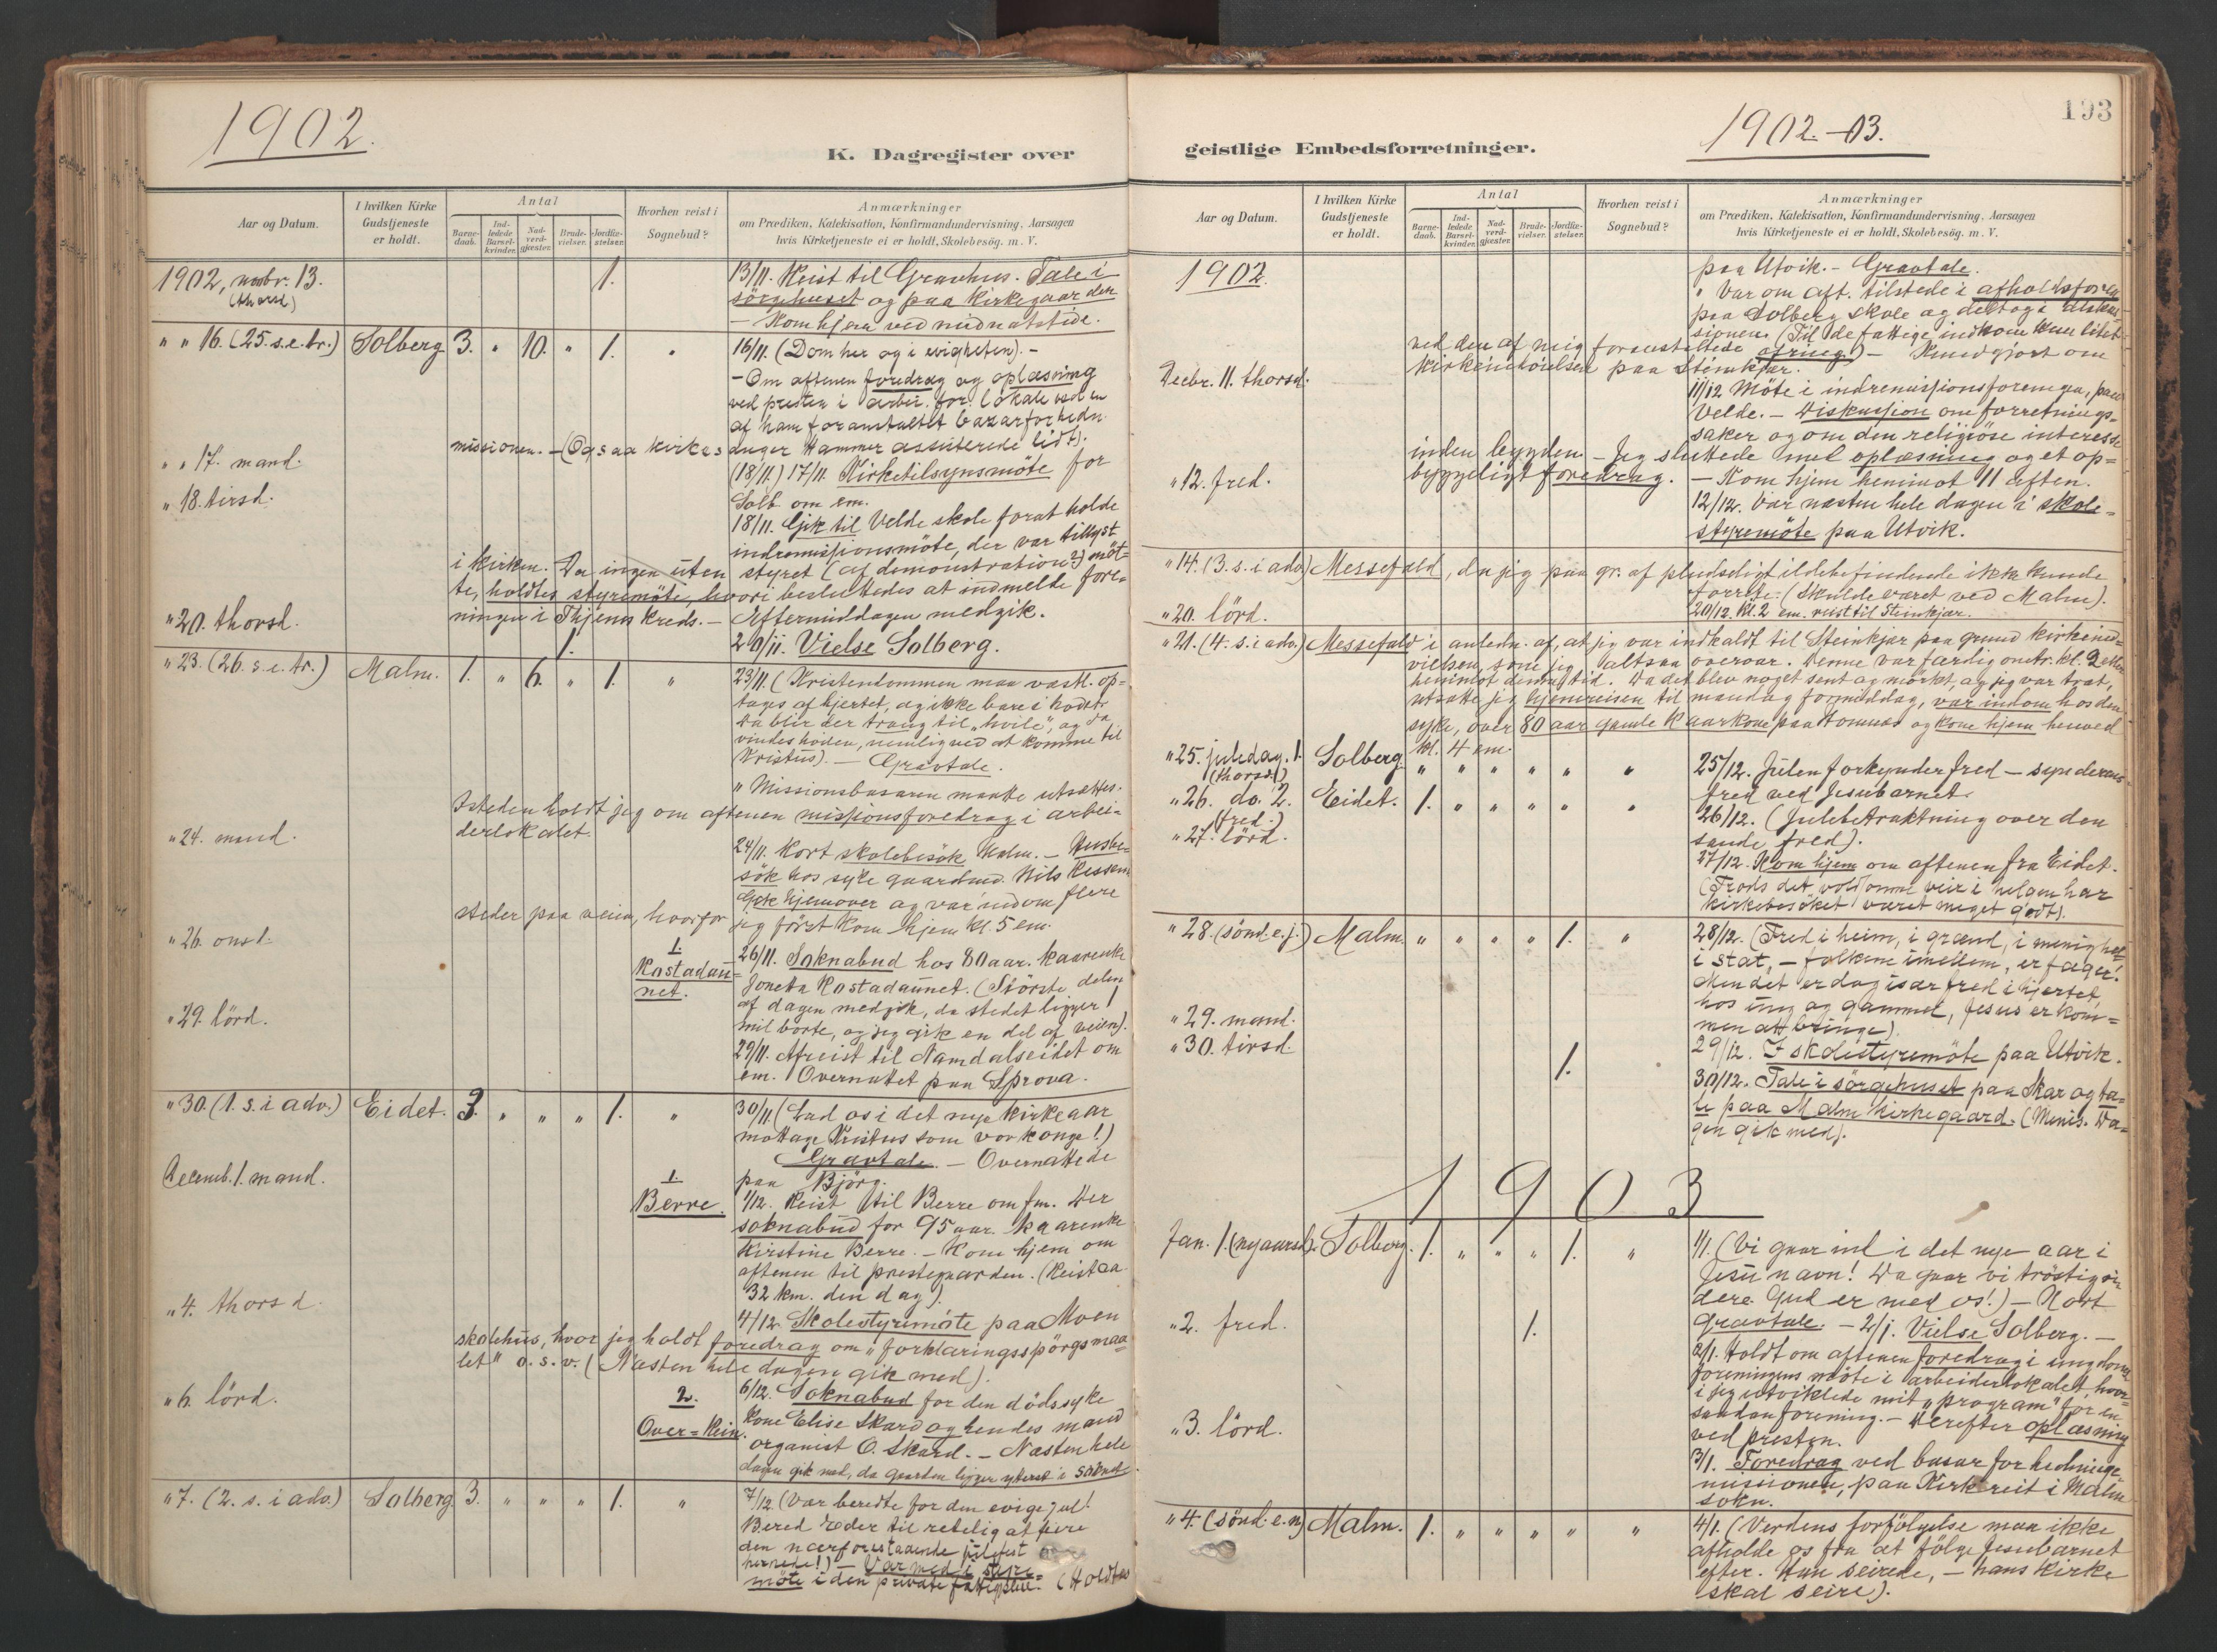 SAT, Ministerialprotokoller, klokkerbøker og fødselsregistre - Nord-Trøndelag, 741/L0397: Ministerialbok nr. 741A11, 1901-1911, s. 193